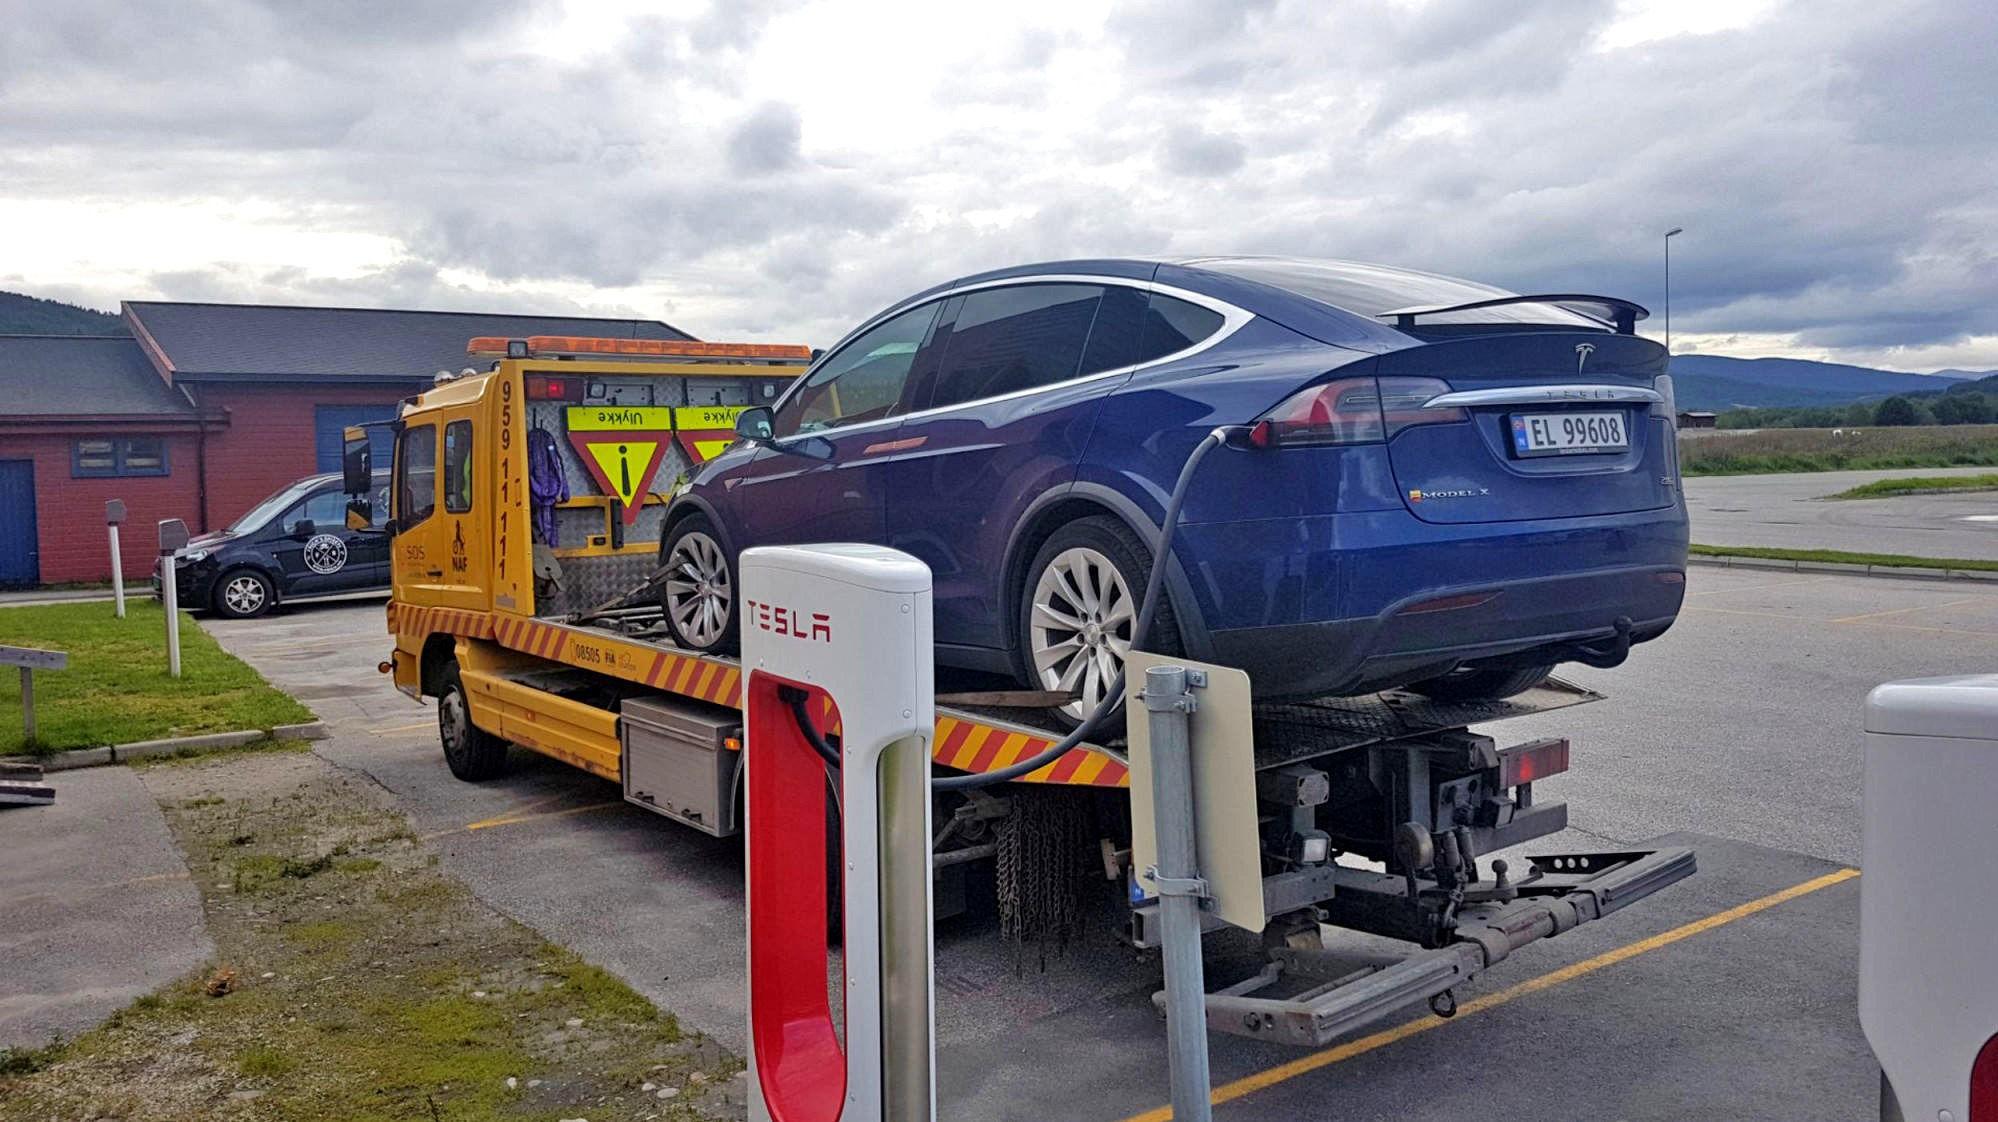 MÅTTE LADE PÅ LASTEPLANET: Teslaen viste 14 km gjenstående rekkevidde, men 7 km fra ladestasjonen var det likevel stopp. Og da parkeringsbremsen ikke ville slippe, var det ikke annen råd ennå tilkalle veihjelp.